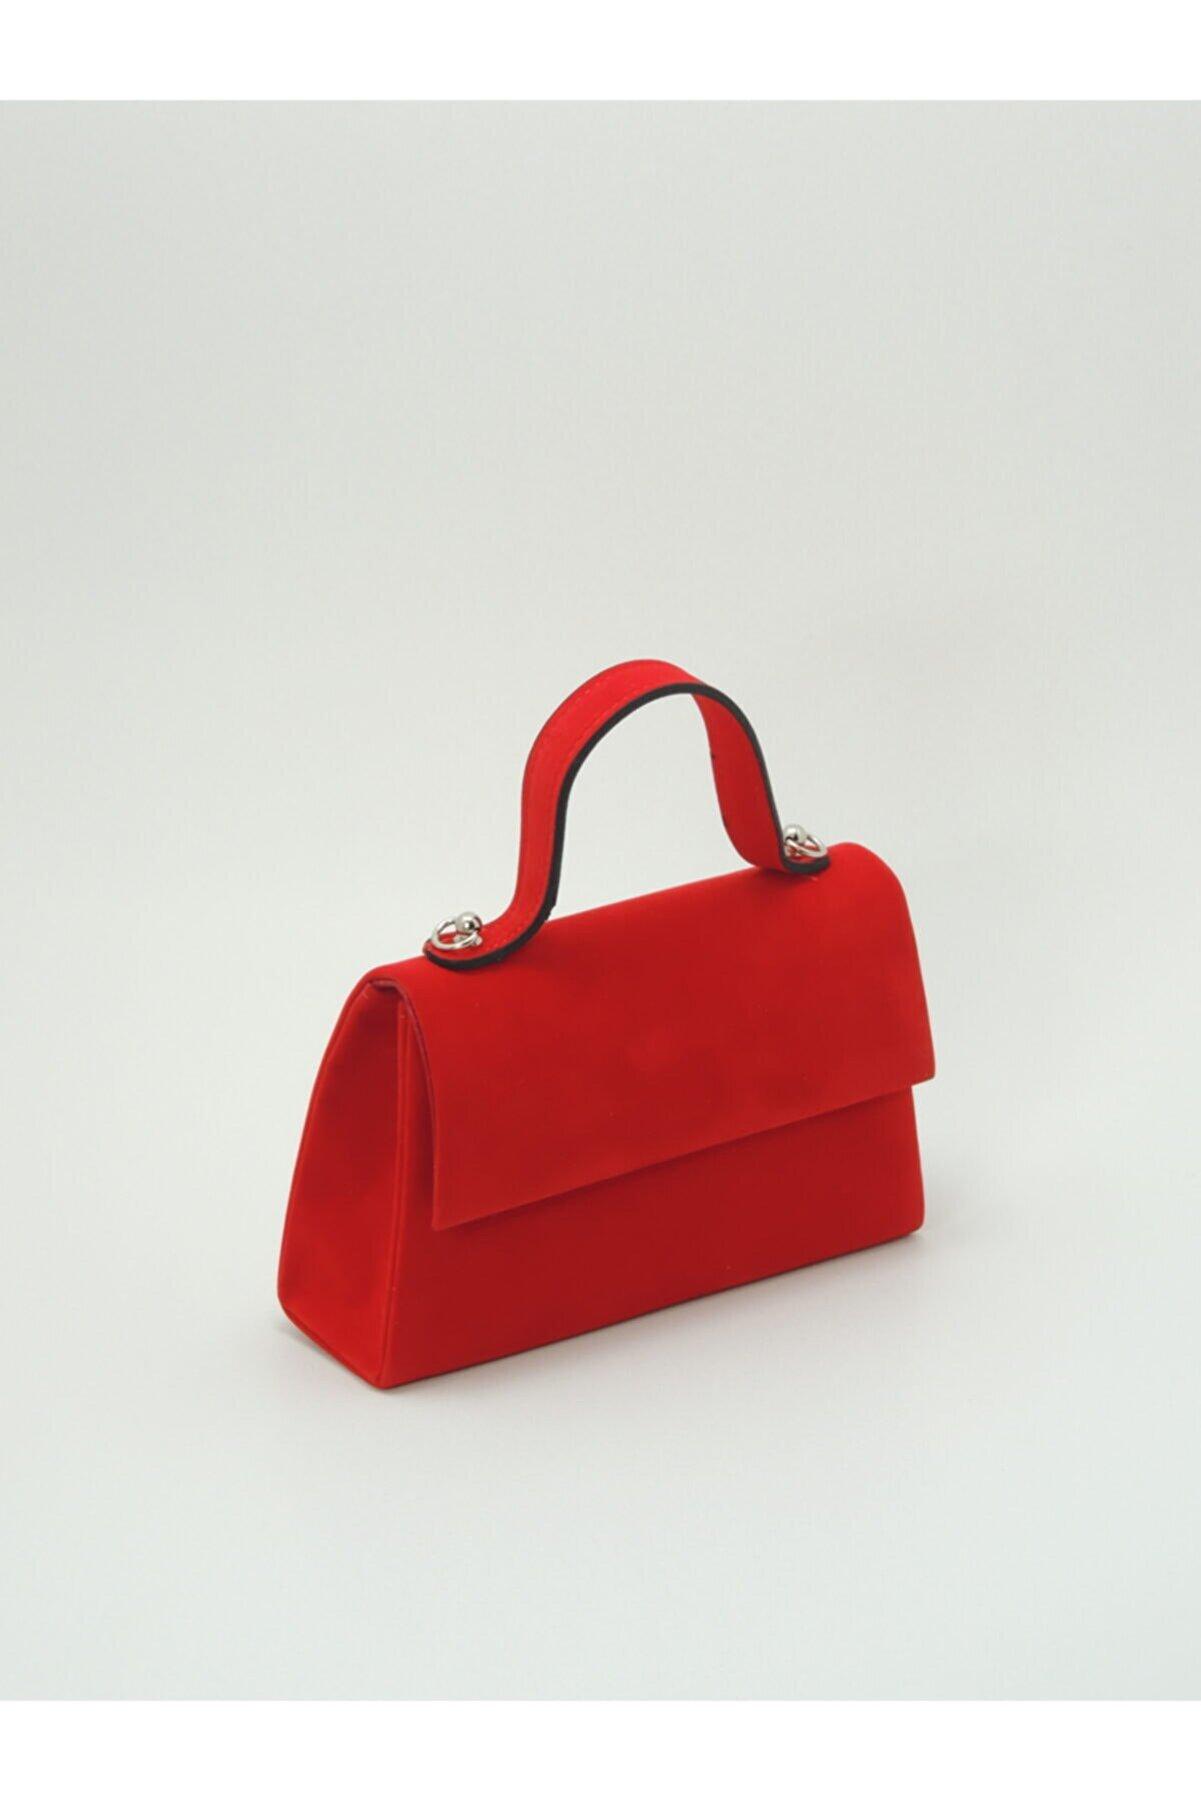 dizaynbag Kadın Kırmızı Süet Çanta